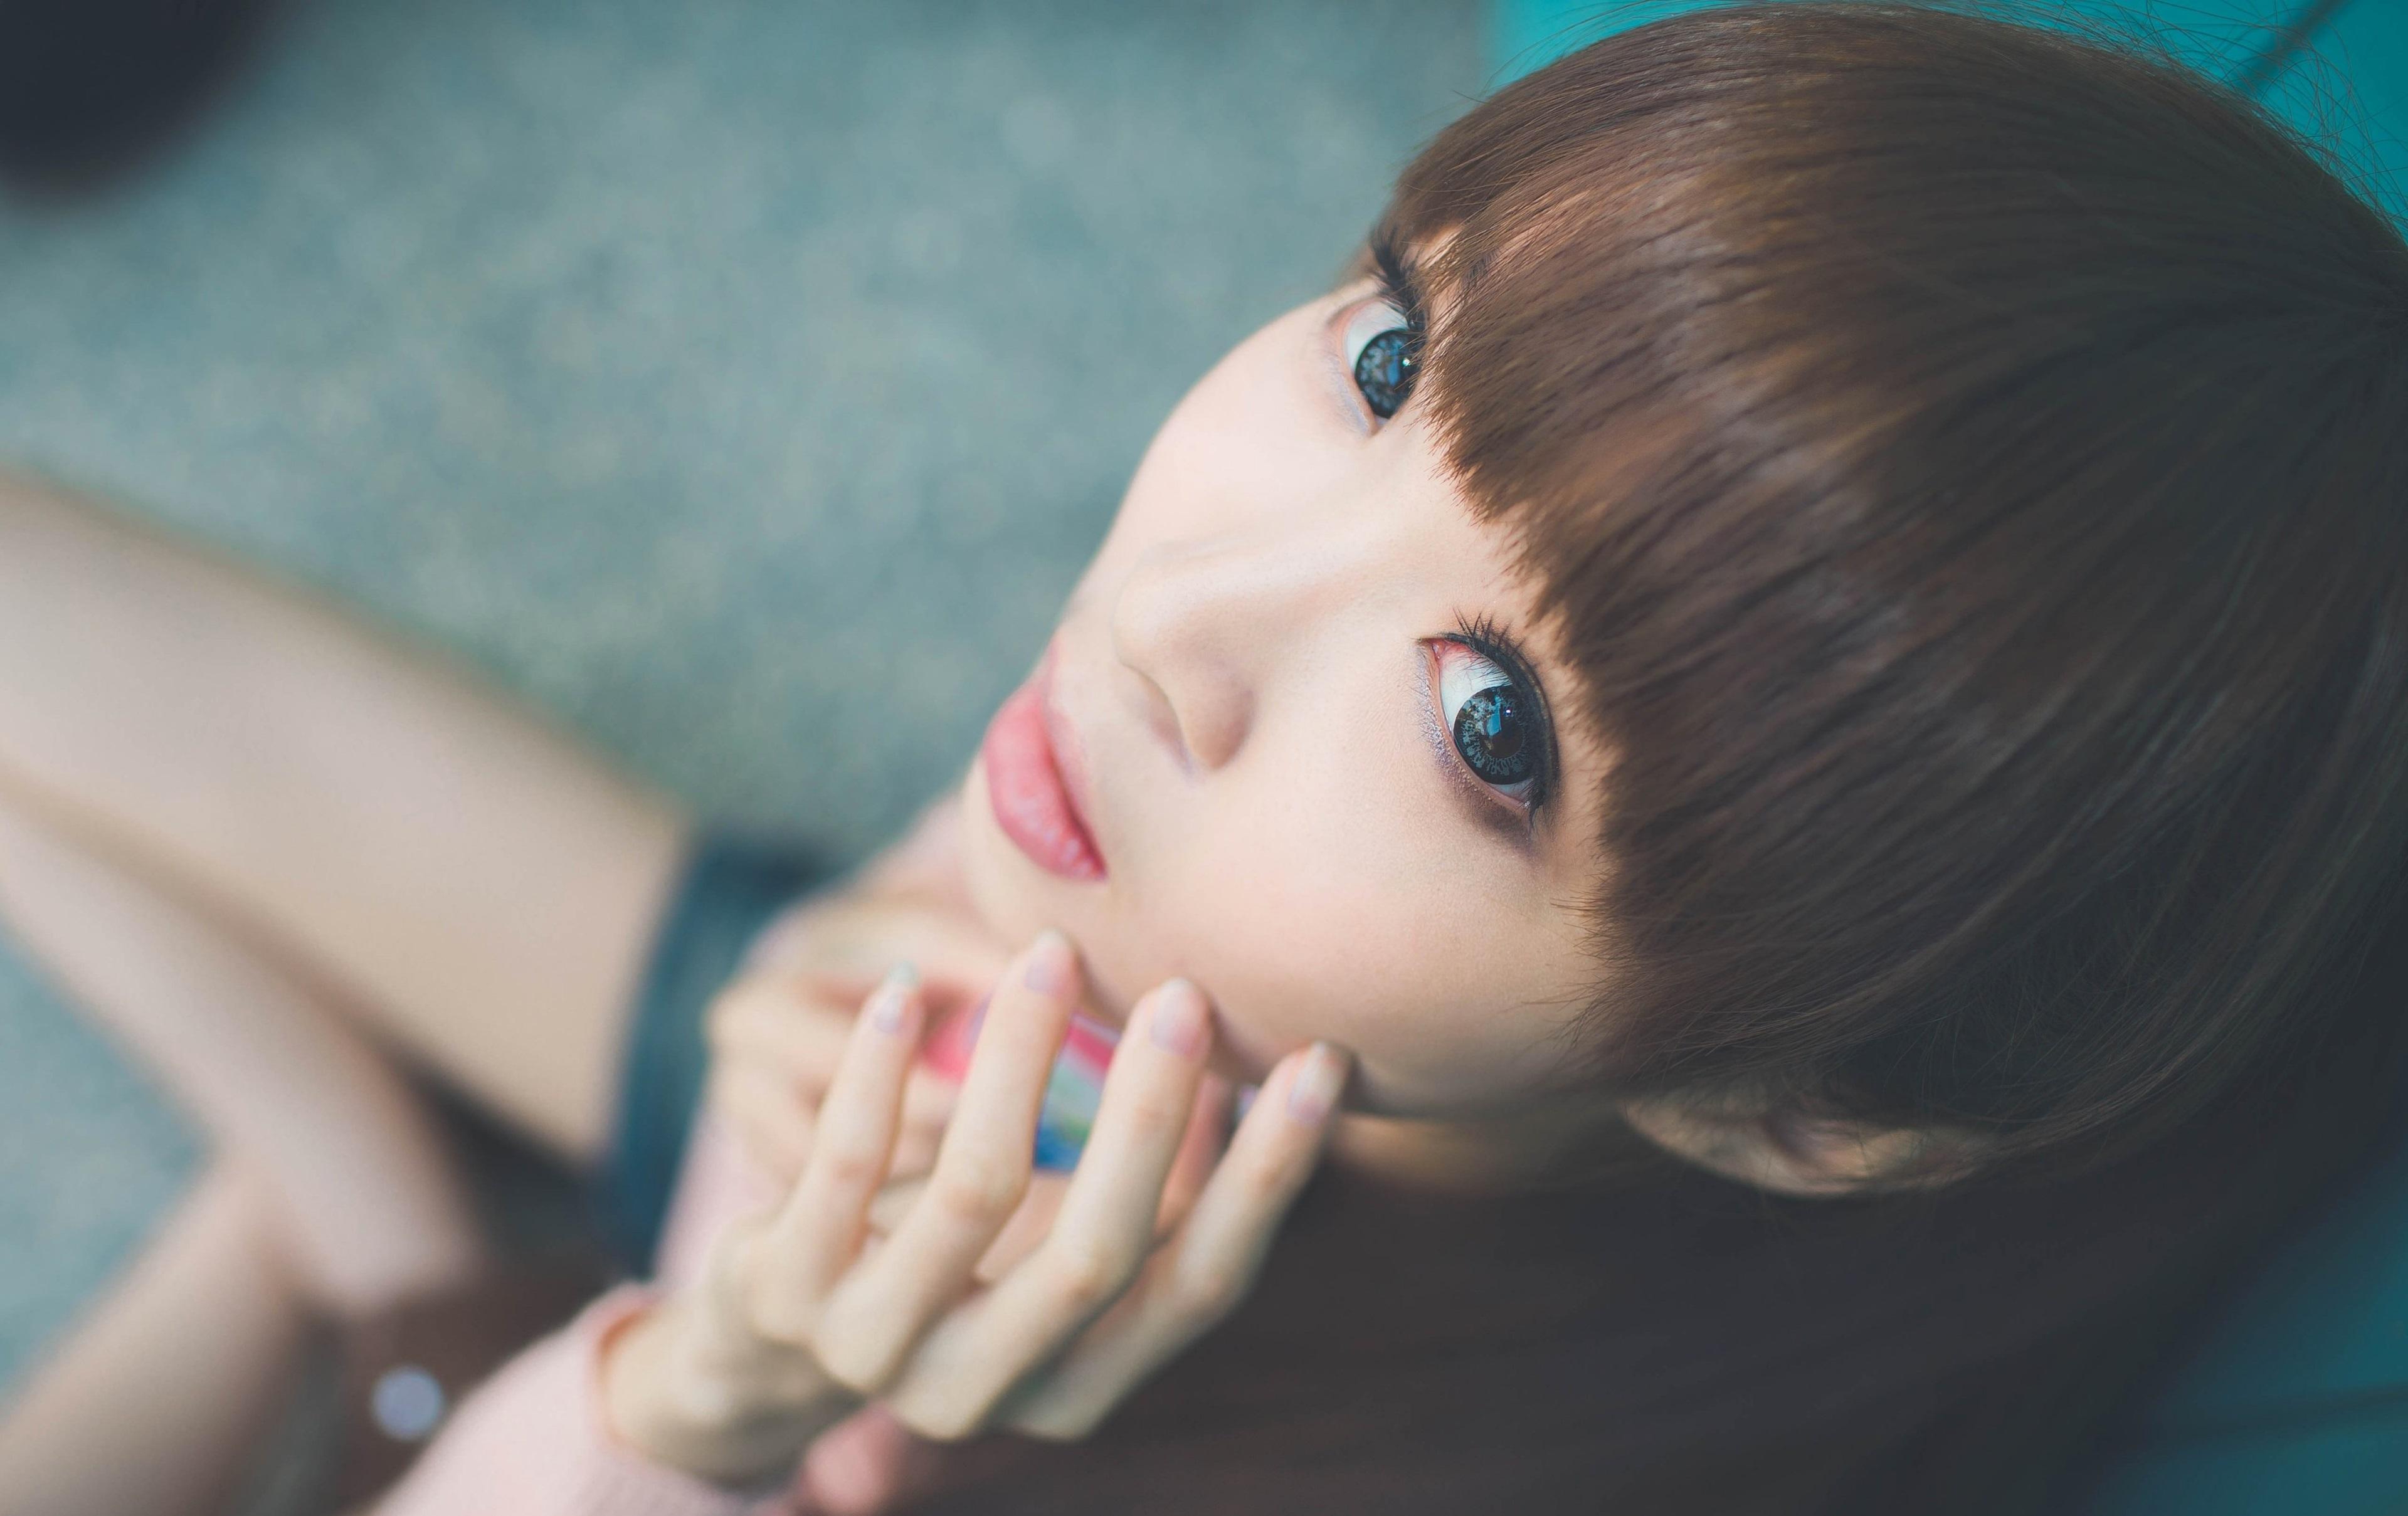 жениху голубоглазые японцы фото предлагает